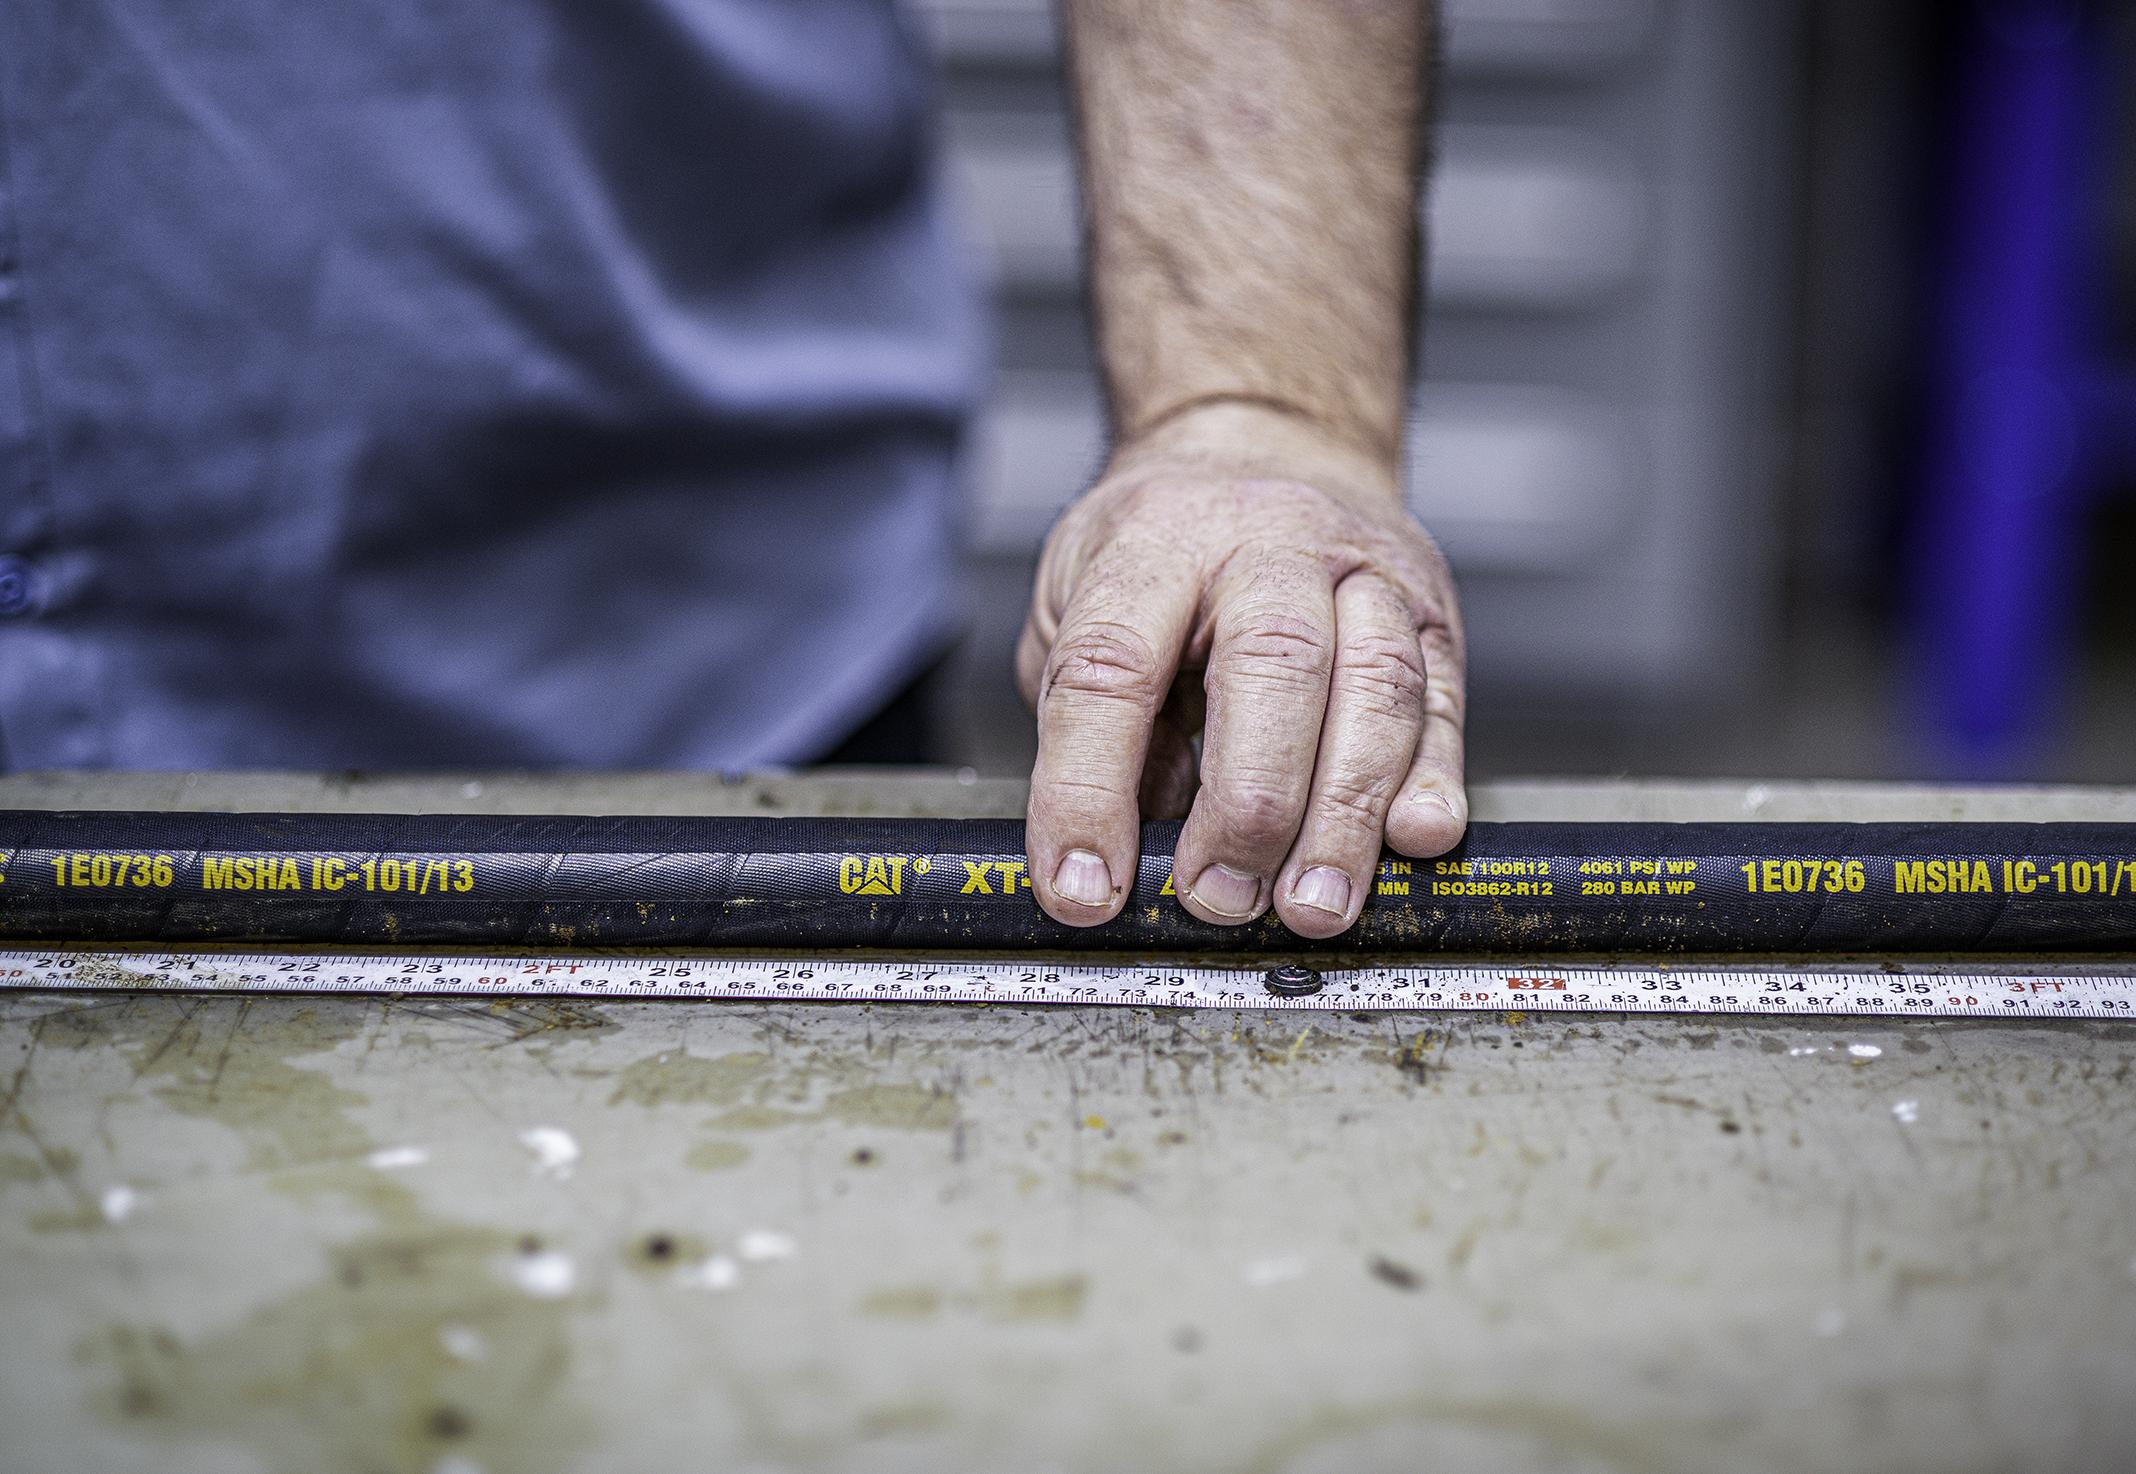 measuring a hose